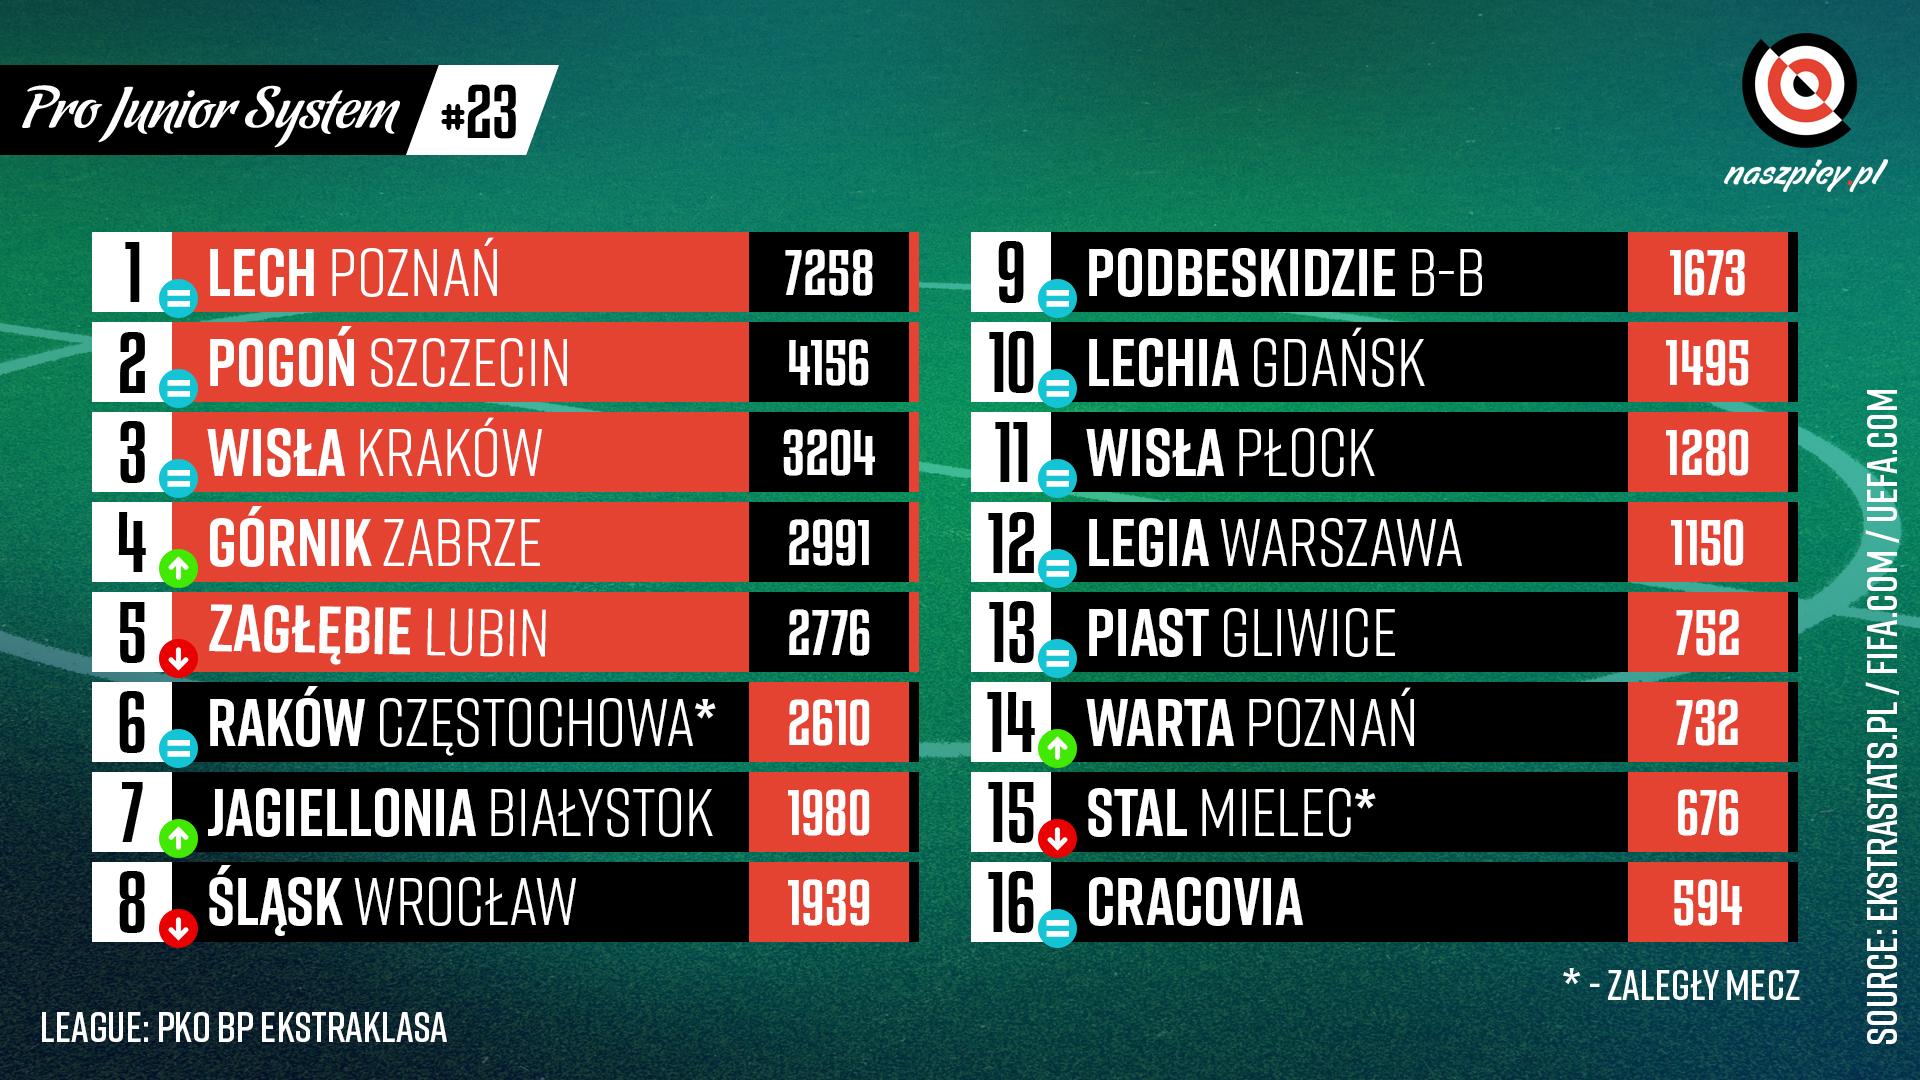 Punktacja Pro Junior System po 23. kolejce PKO Ekstraklasy<br><br>Źródło: Opracowanie własne na podstawie ekstrastats.pl<br><br>graf. Bartosz Urban